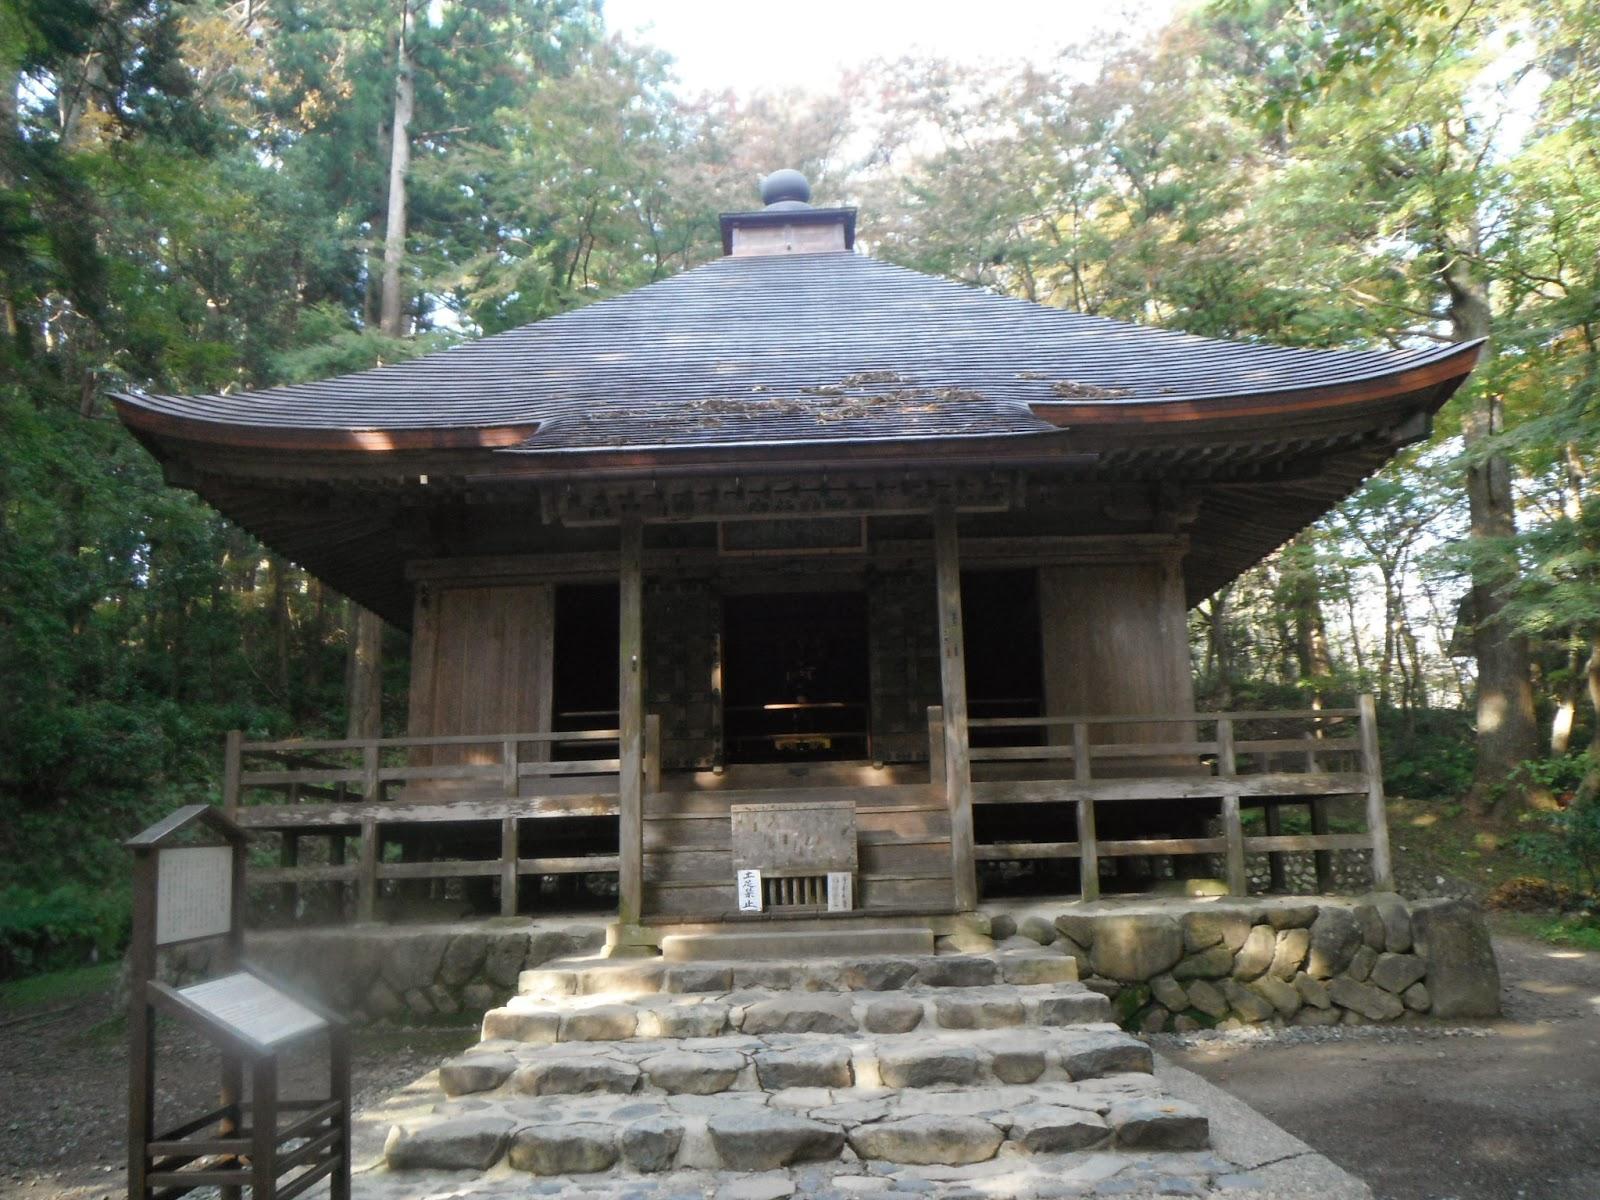 中尊寺金色堂の画像 p1_6